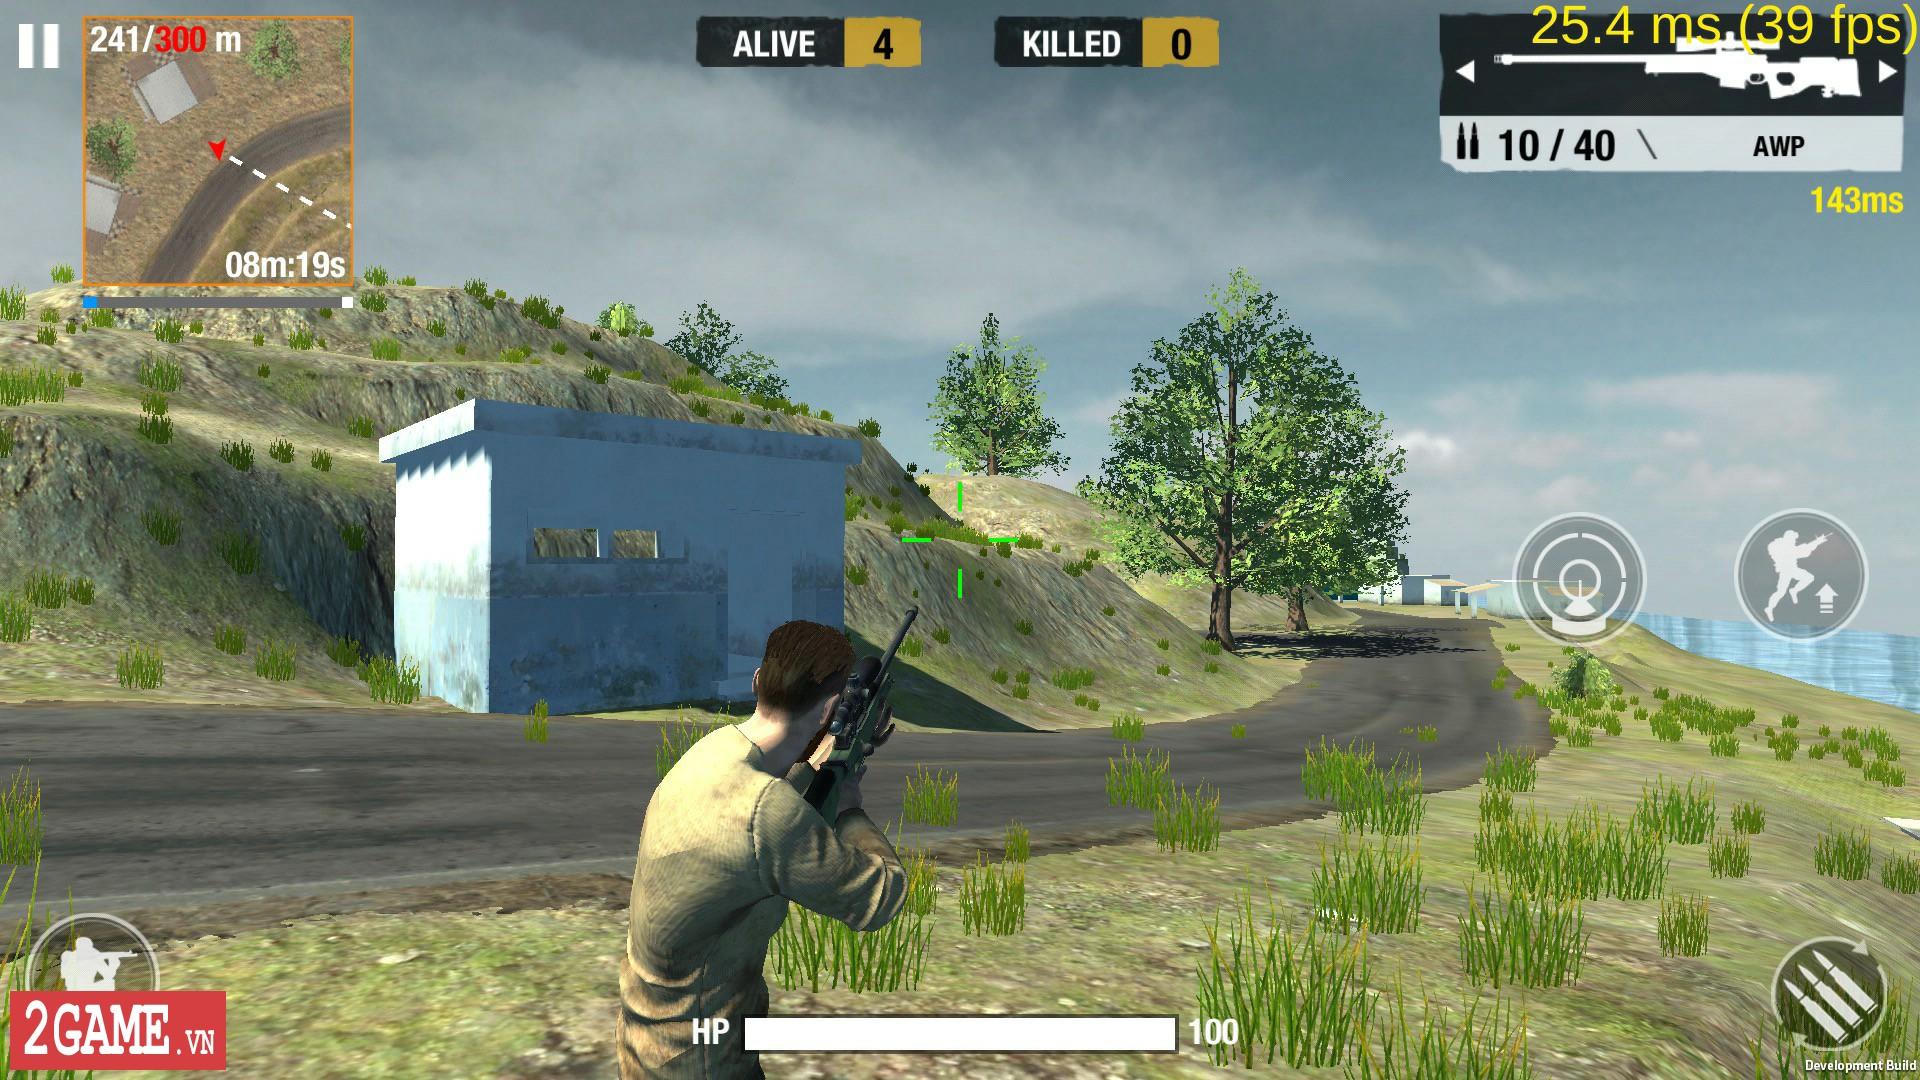 Tổng quan về lối chơi sinh tử của Bullet Strike: Battlegrounds 10